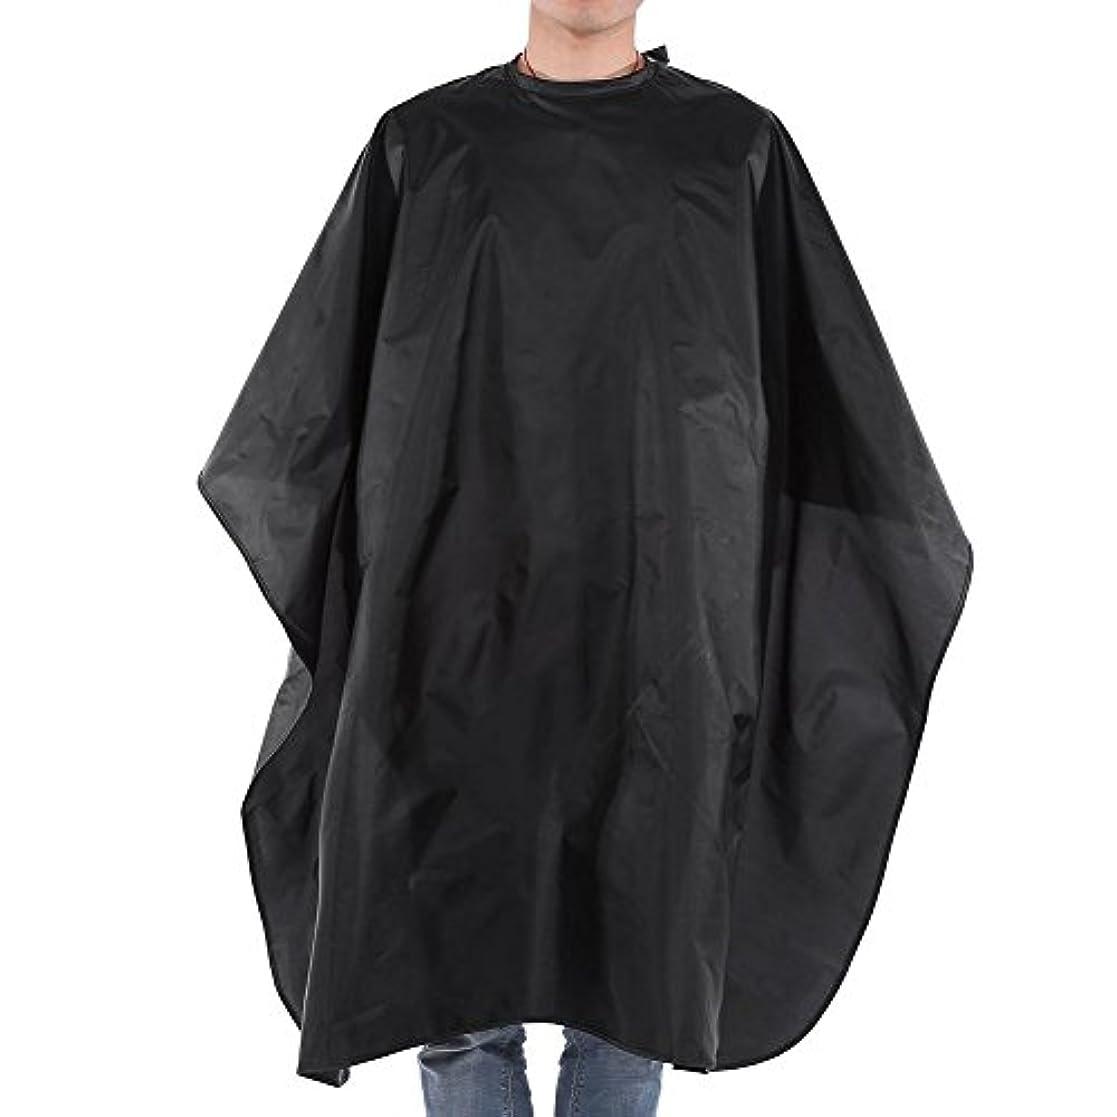 脱獄難破船取る理容室スタイリングケープ、ブラックサロンヘアカット理髪理髪店ケープガウン大人の布防水スナップクロージャー59×47インチ